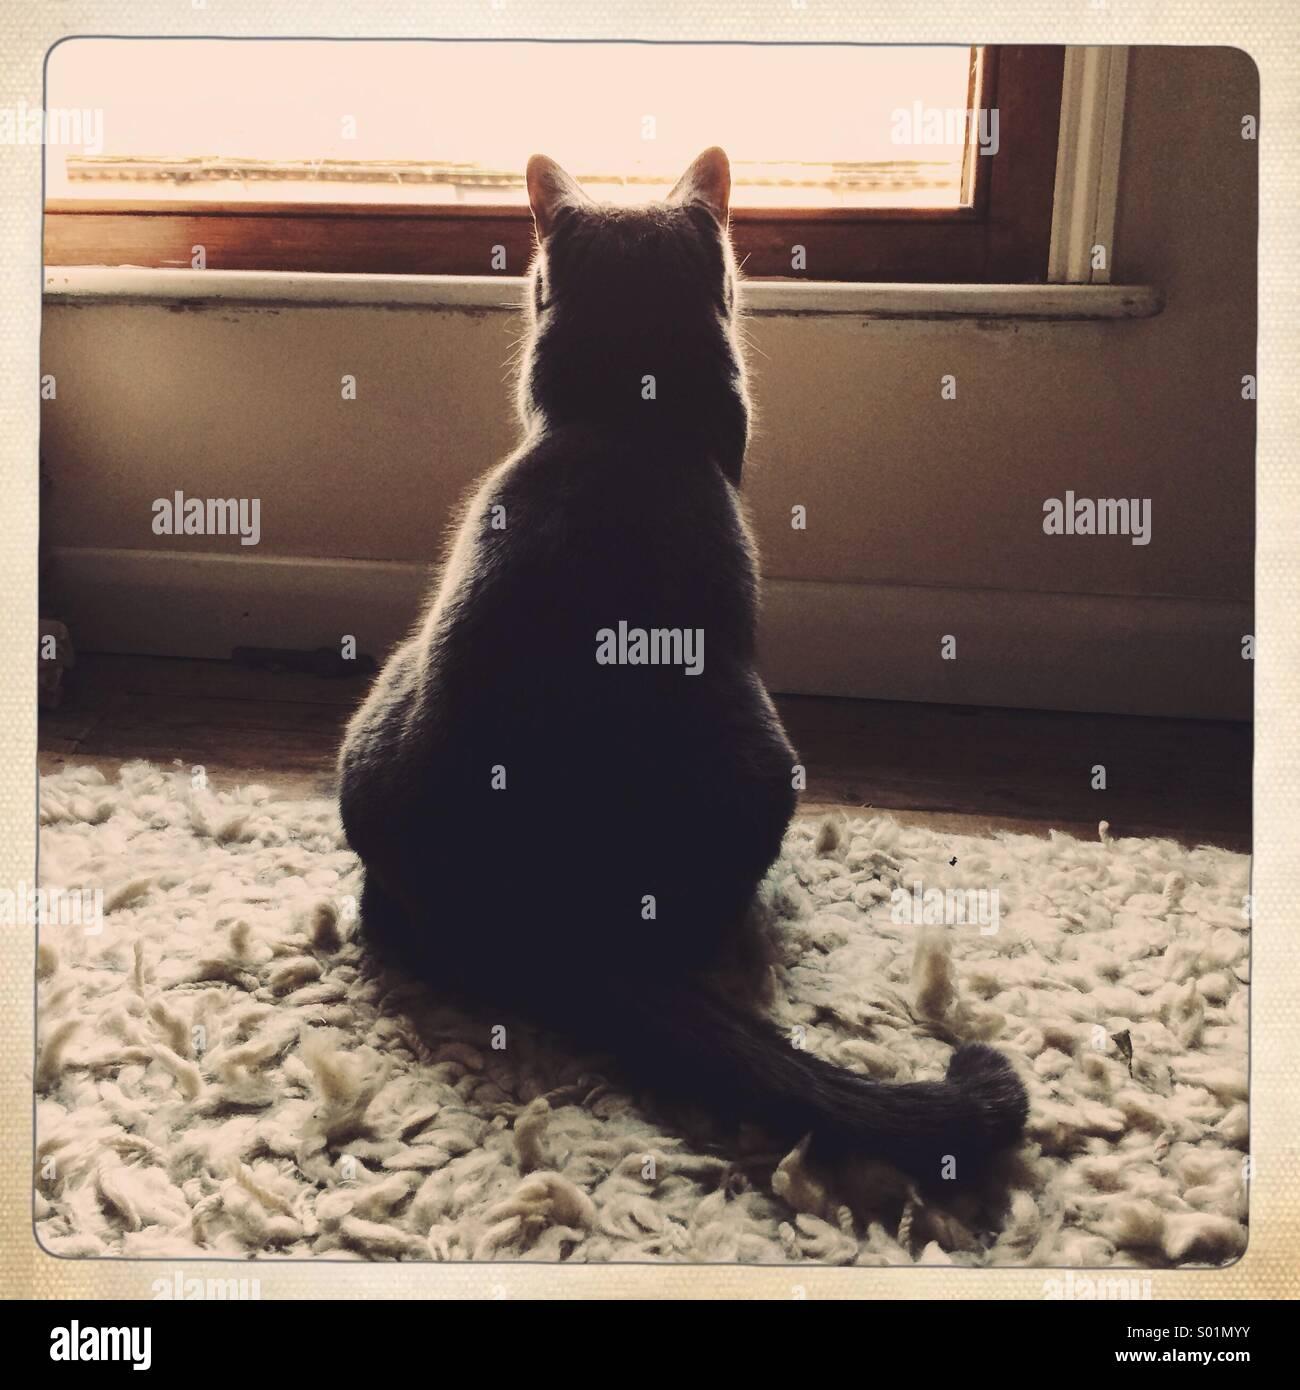 Un gatto grigio guarda fuori da una finestra Immagini Stock